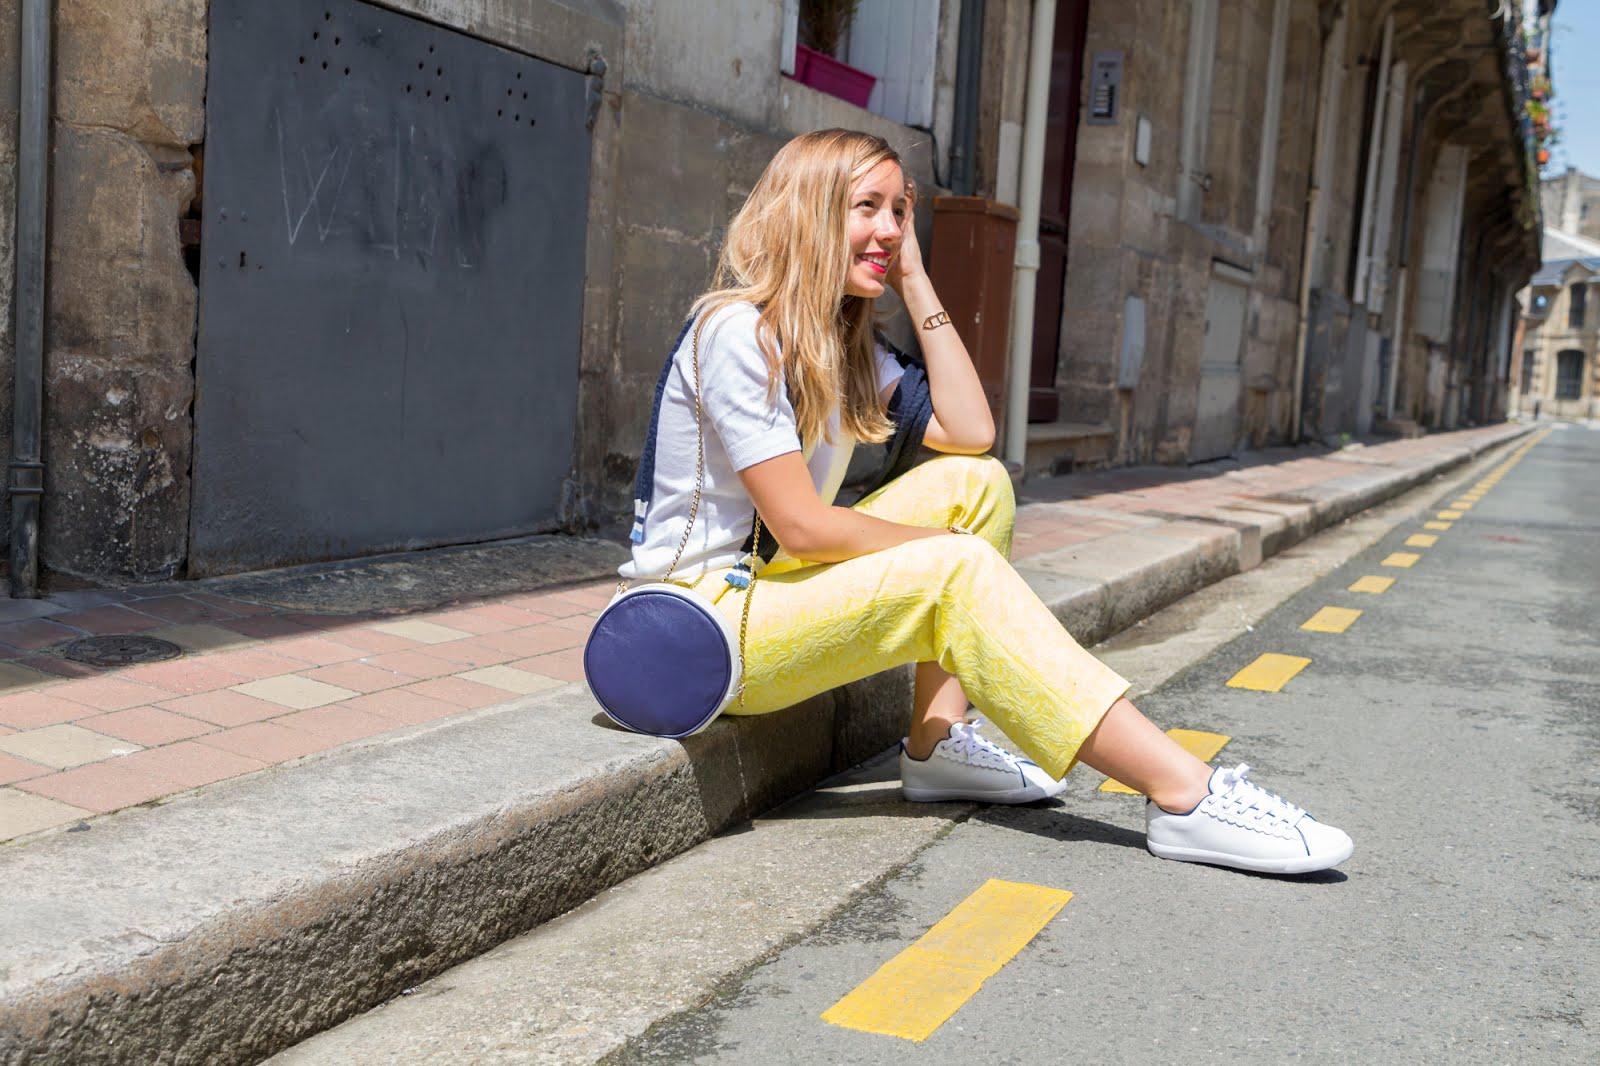 comment porter pantalon jaune